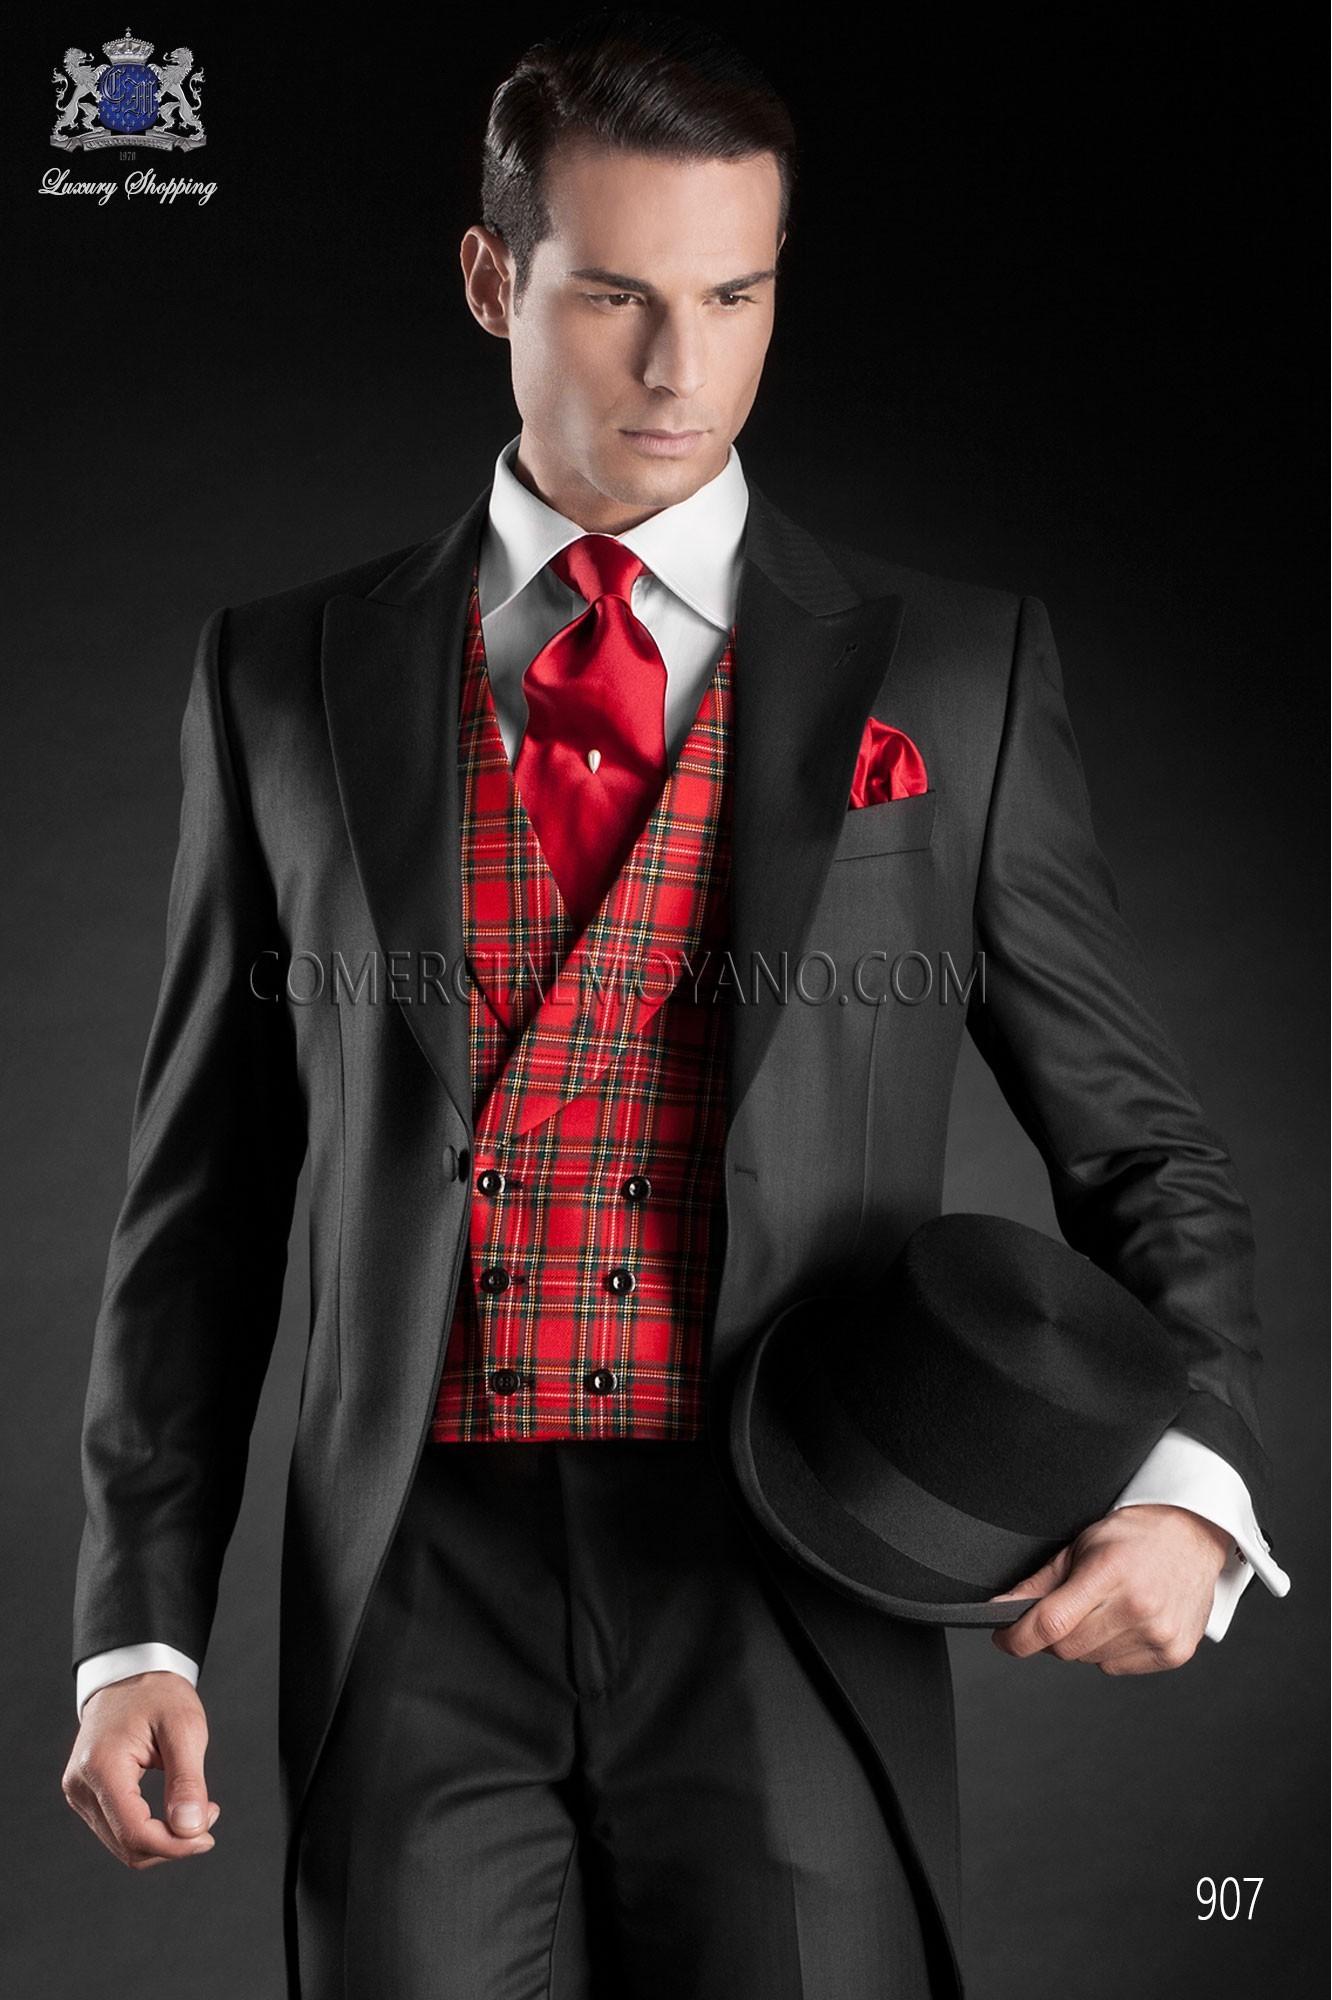 Traje Gentleman de novio negro modelo: 907 Ottavio Nuccio Gala colección Gentleman 2017